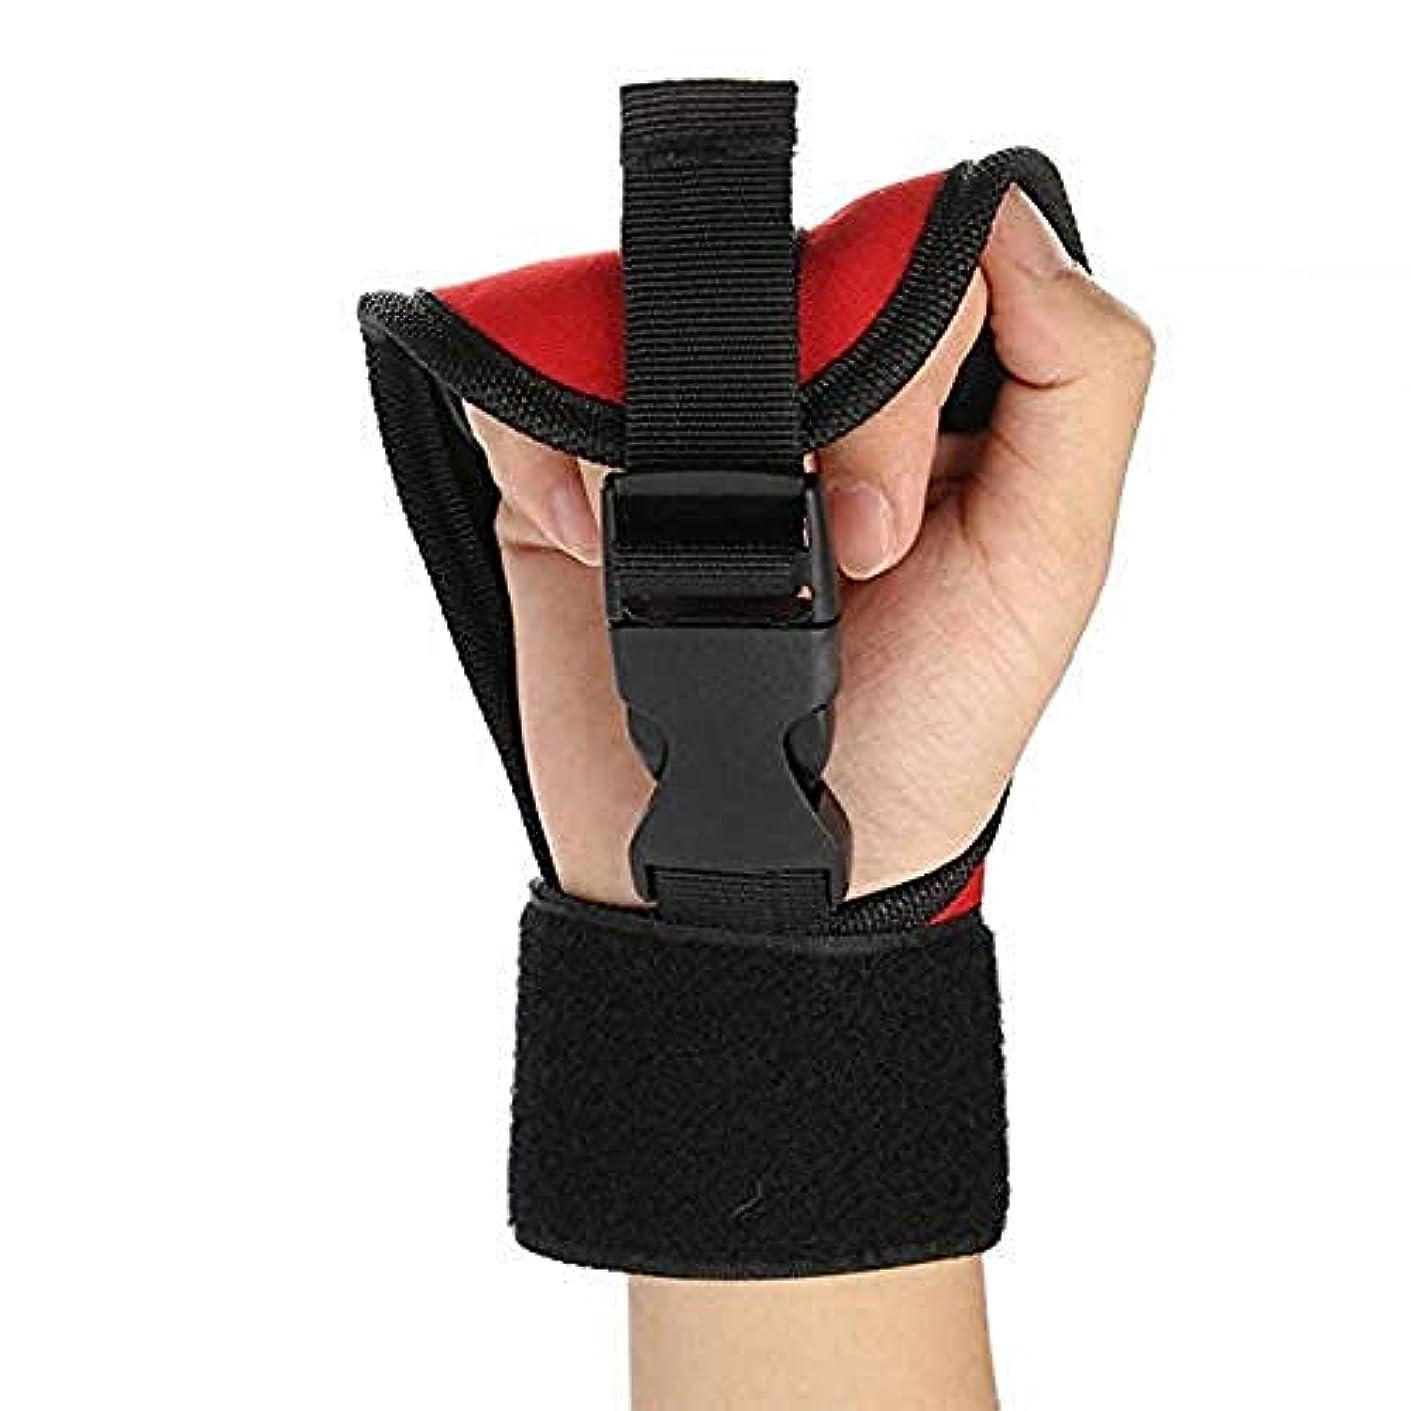 ぬるいチャンピオン日曜日指の負傷のサポート、指の延長スプリント(ユニセクシャル)トレーニングハンドパンチ調節可能ストラップ,Buckle